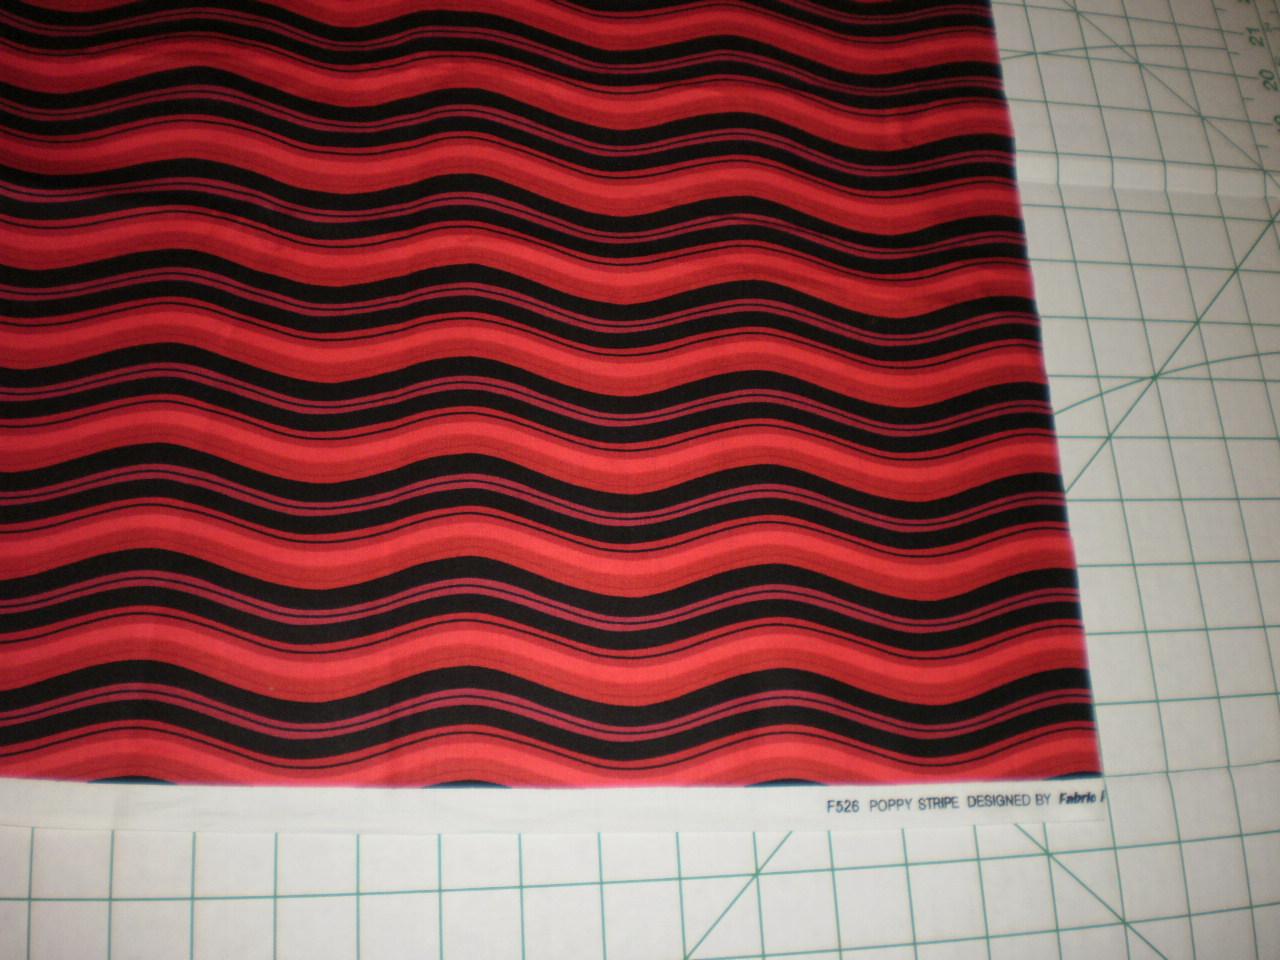 Poppy Stripe fabric freedom London England dark reds with Black 1 Yard